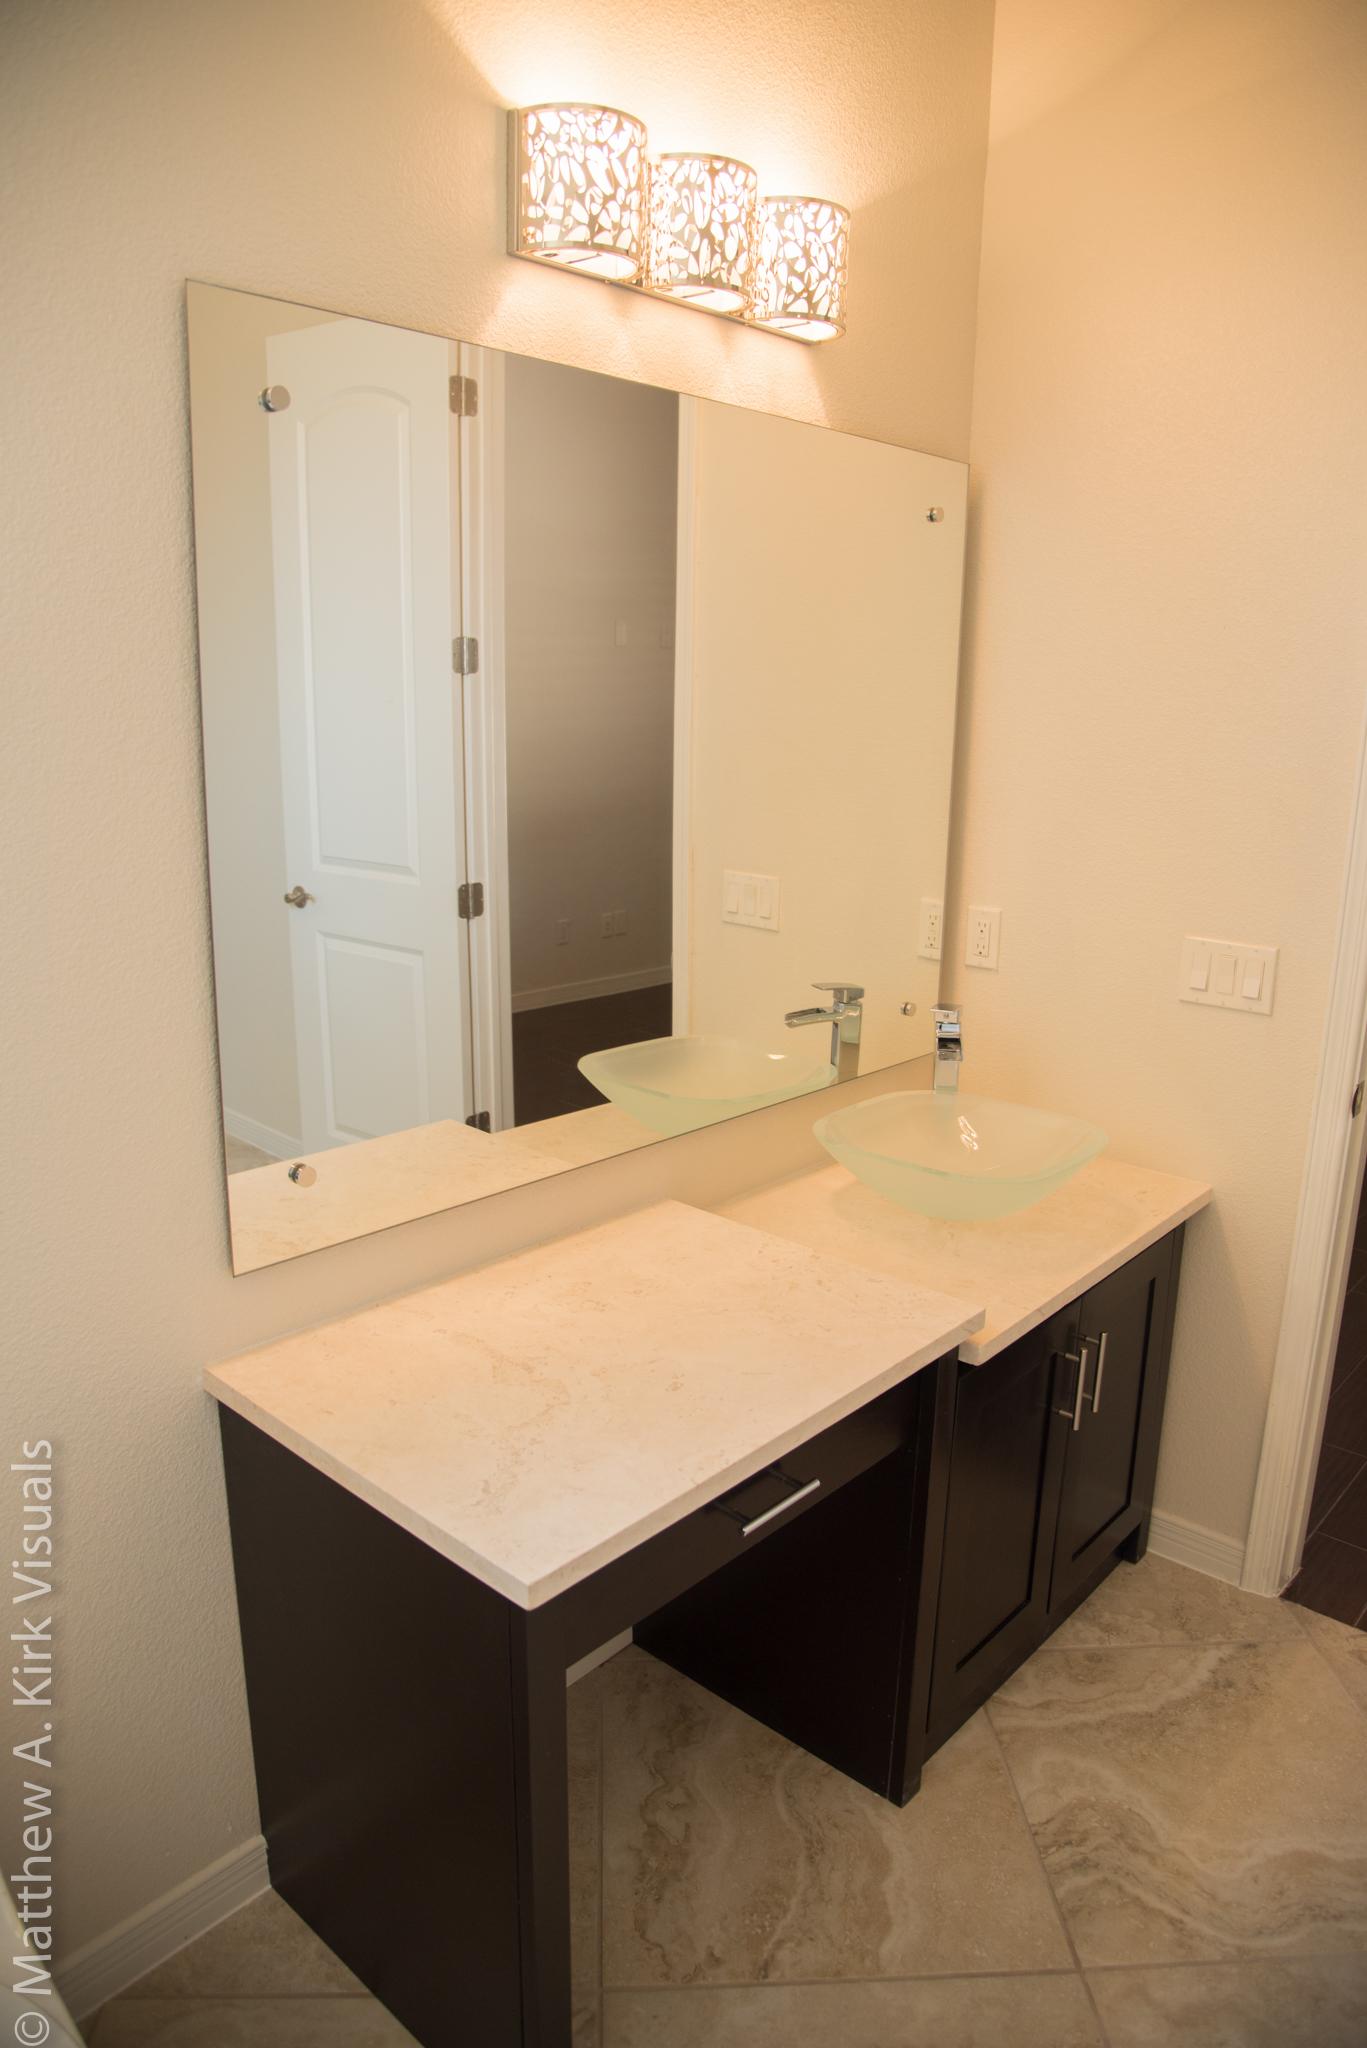 Bathroom Sinks Vanities El Paso Tx bathroom vanities el paso tx - bathroom design